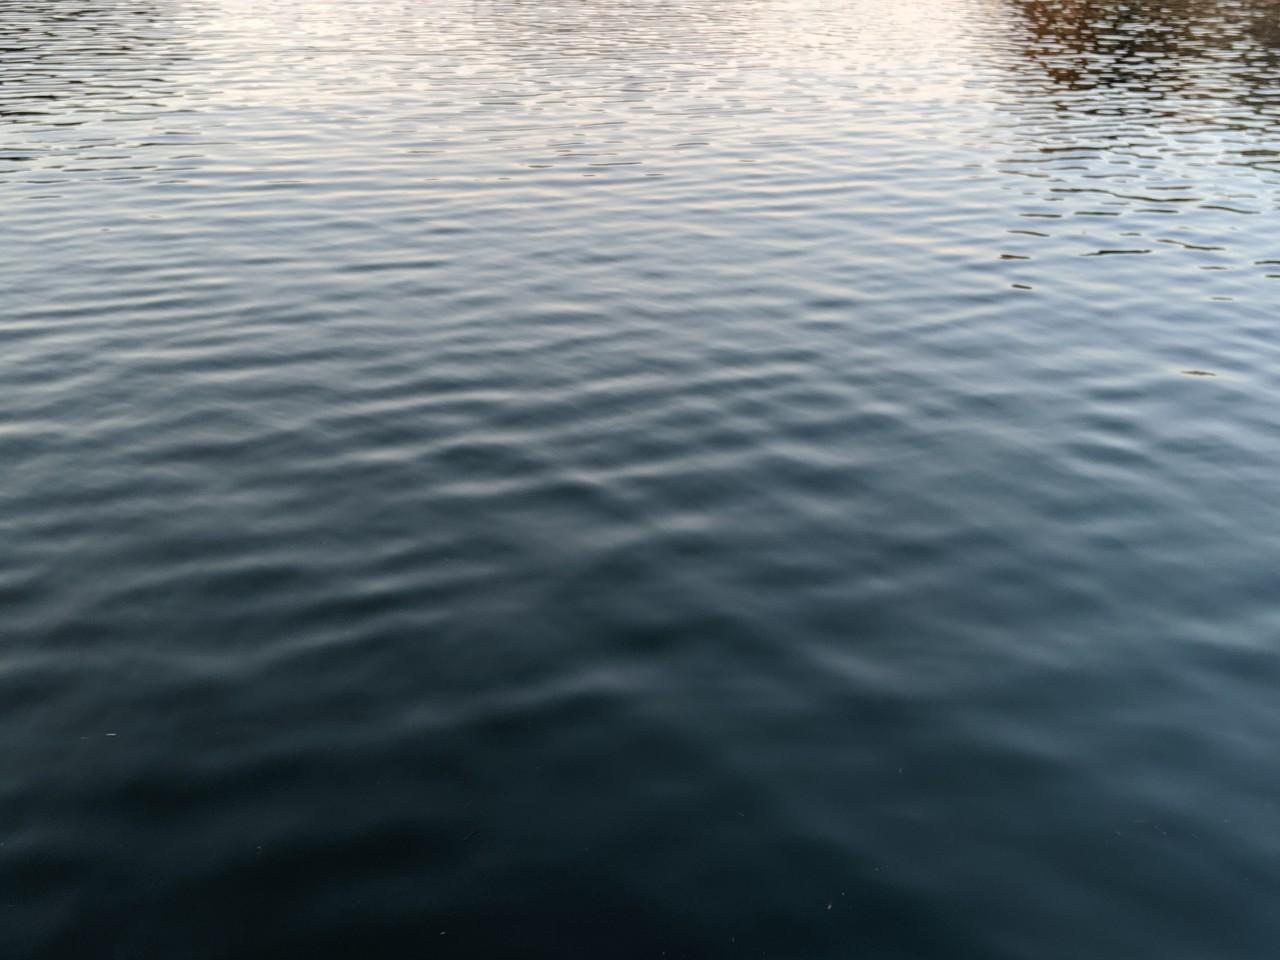 水面 も コンクリ の よう に かとう なる